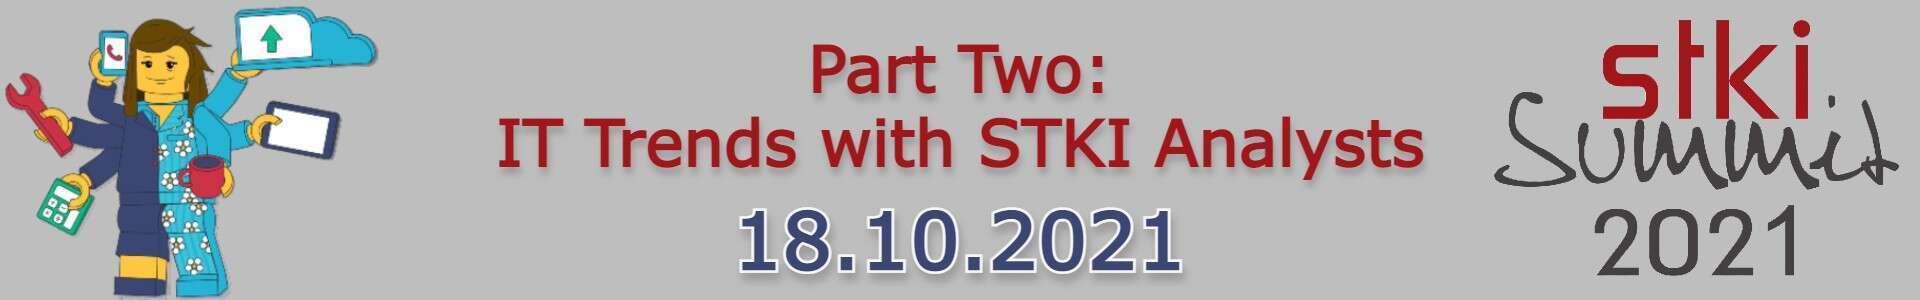 STKI Summit 2021